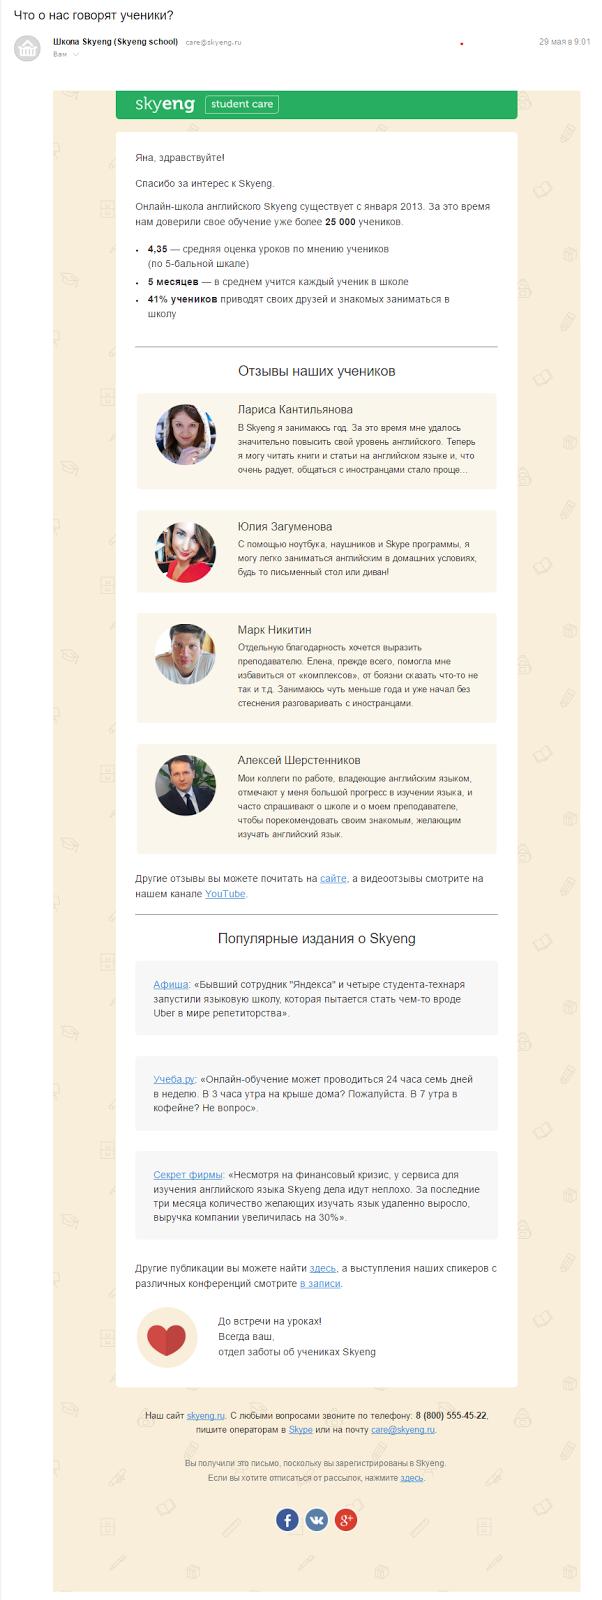 Эффективная емейл-рассылка: советы и приёмы 7